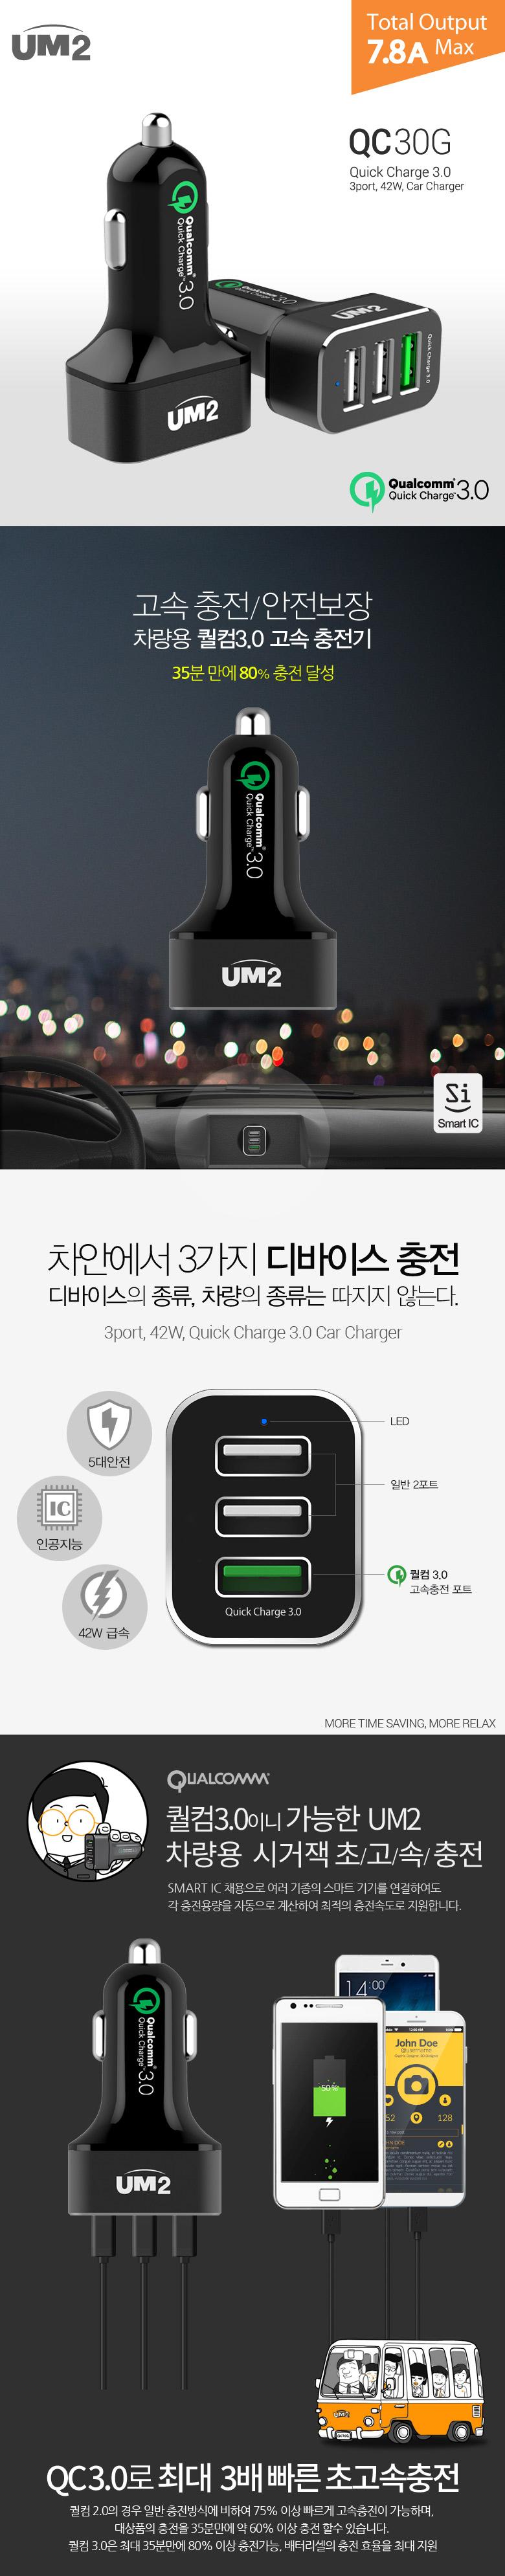 UM2 퀄컴 3.0 퀵차지 고속 차량용 충전기 3포트 QC30G - 셀탑코리아, 13,900원, 충전기, 5핀